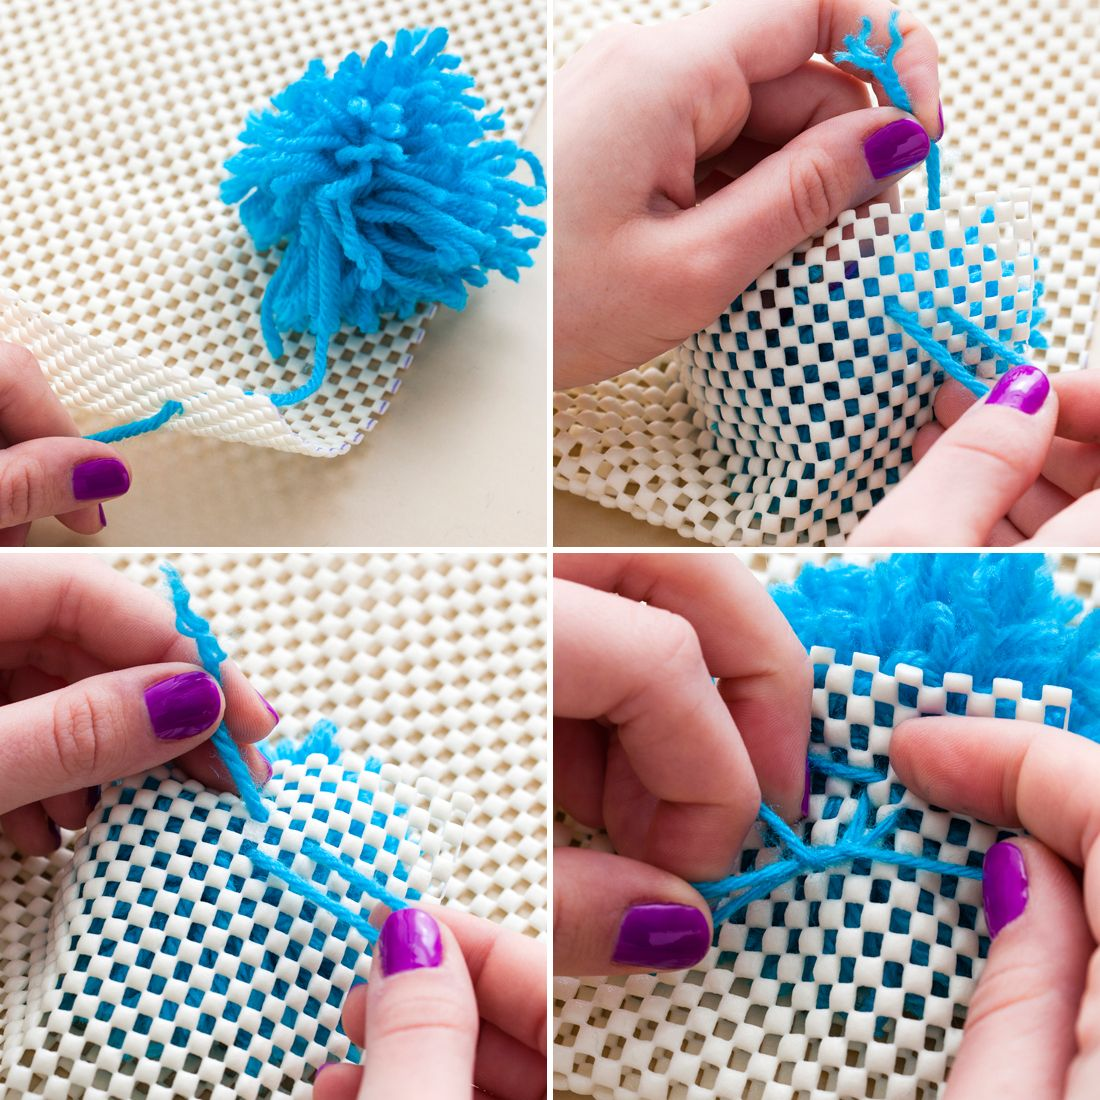 Diy Rug Mamcatbluequilts Show How To Make A Rag Rug From T Shirt Scraps